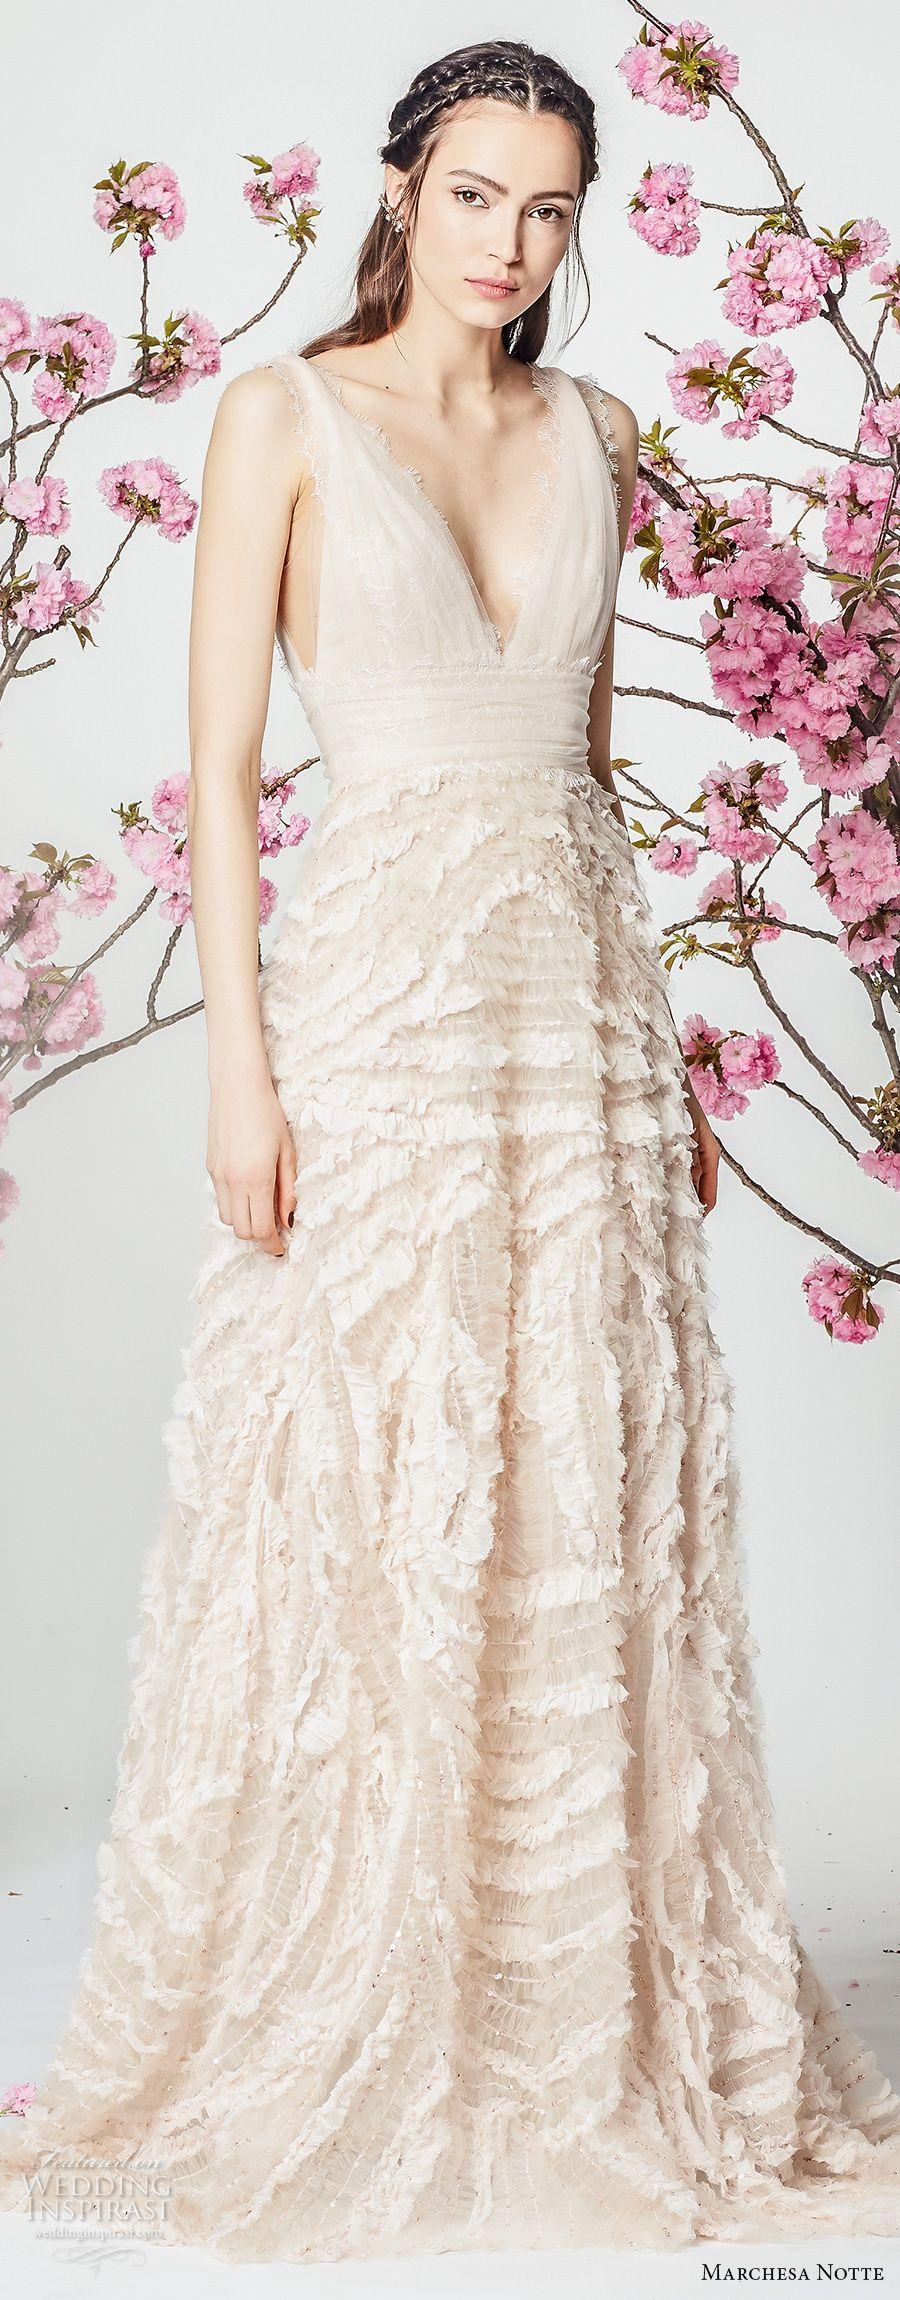 Blush color dresses 2018